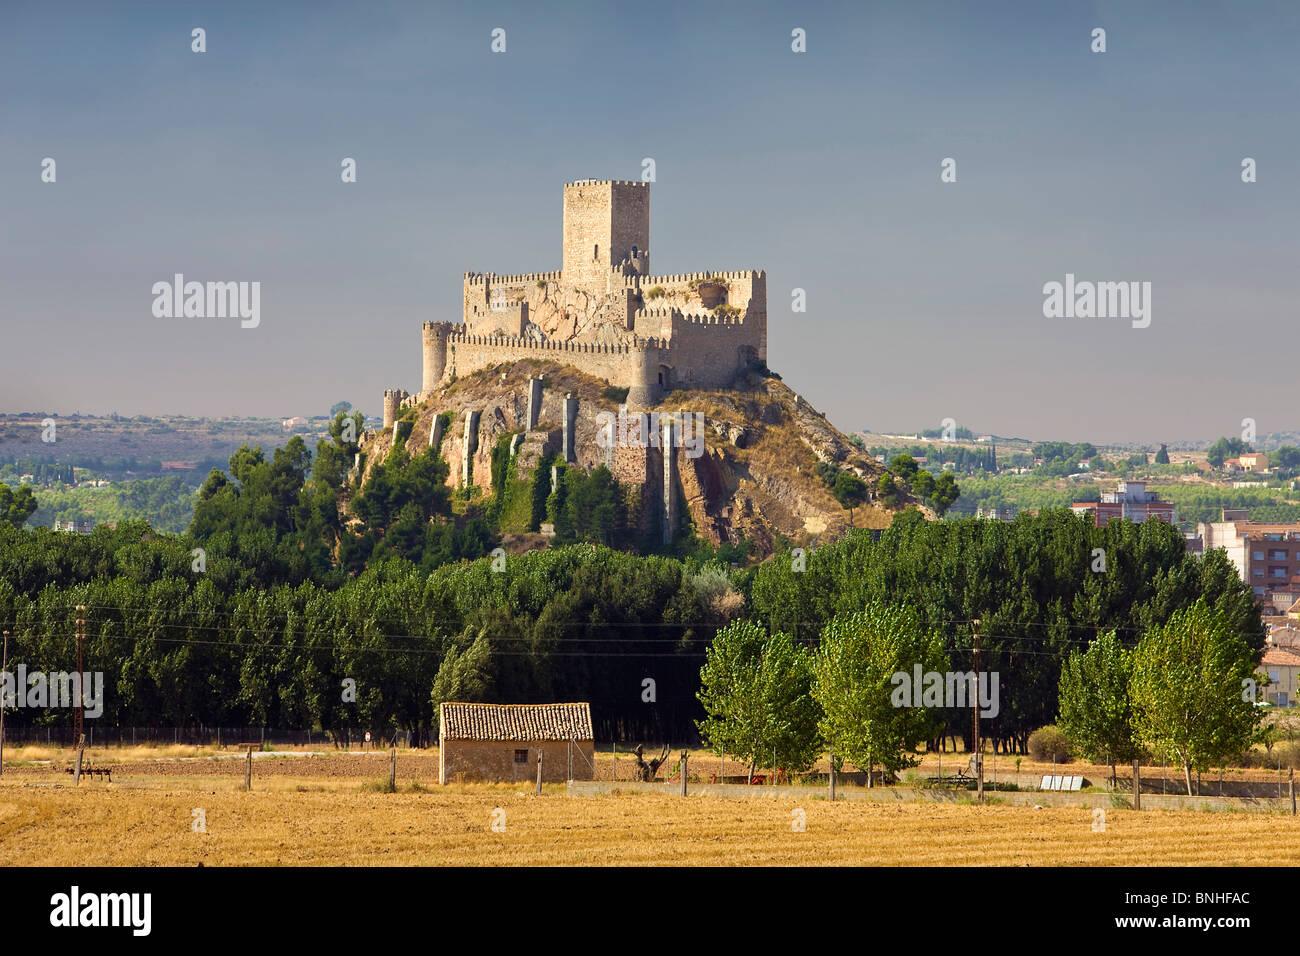 Spain August 2008 Albacete Province Almansa Castle medival landscape - Stock Image